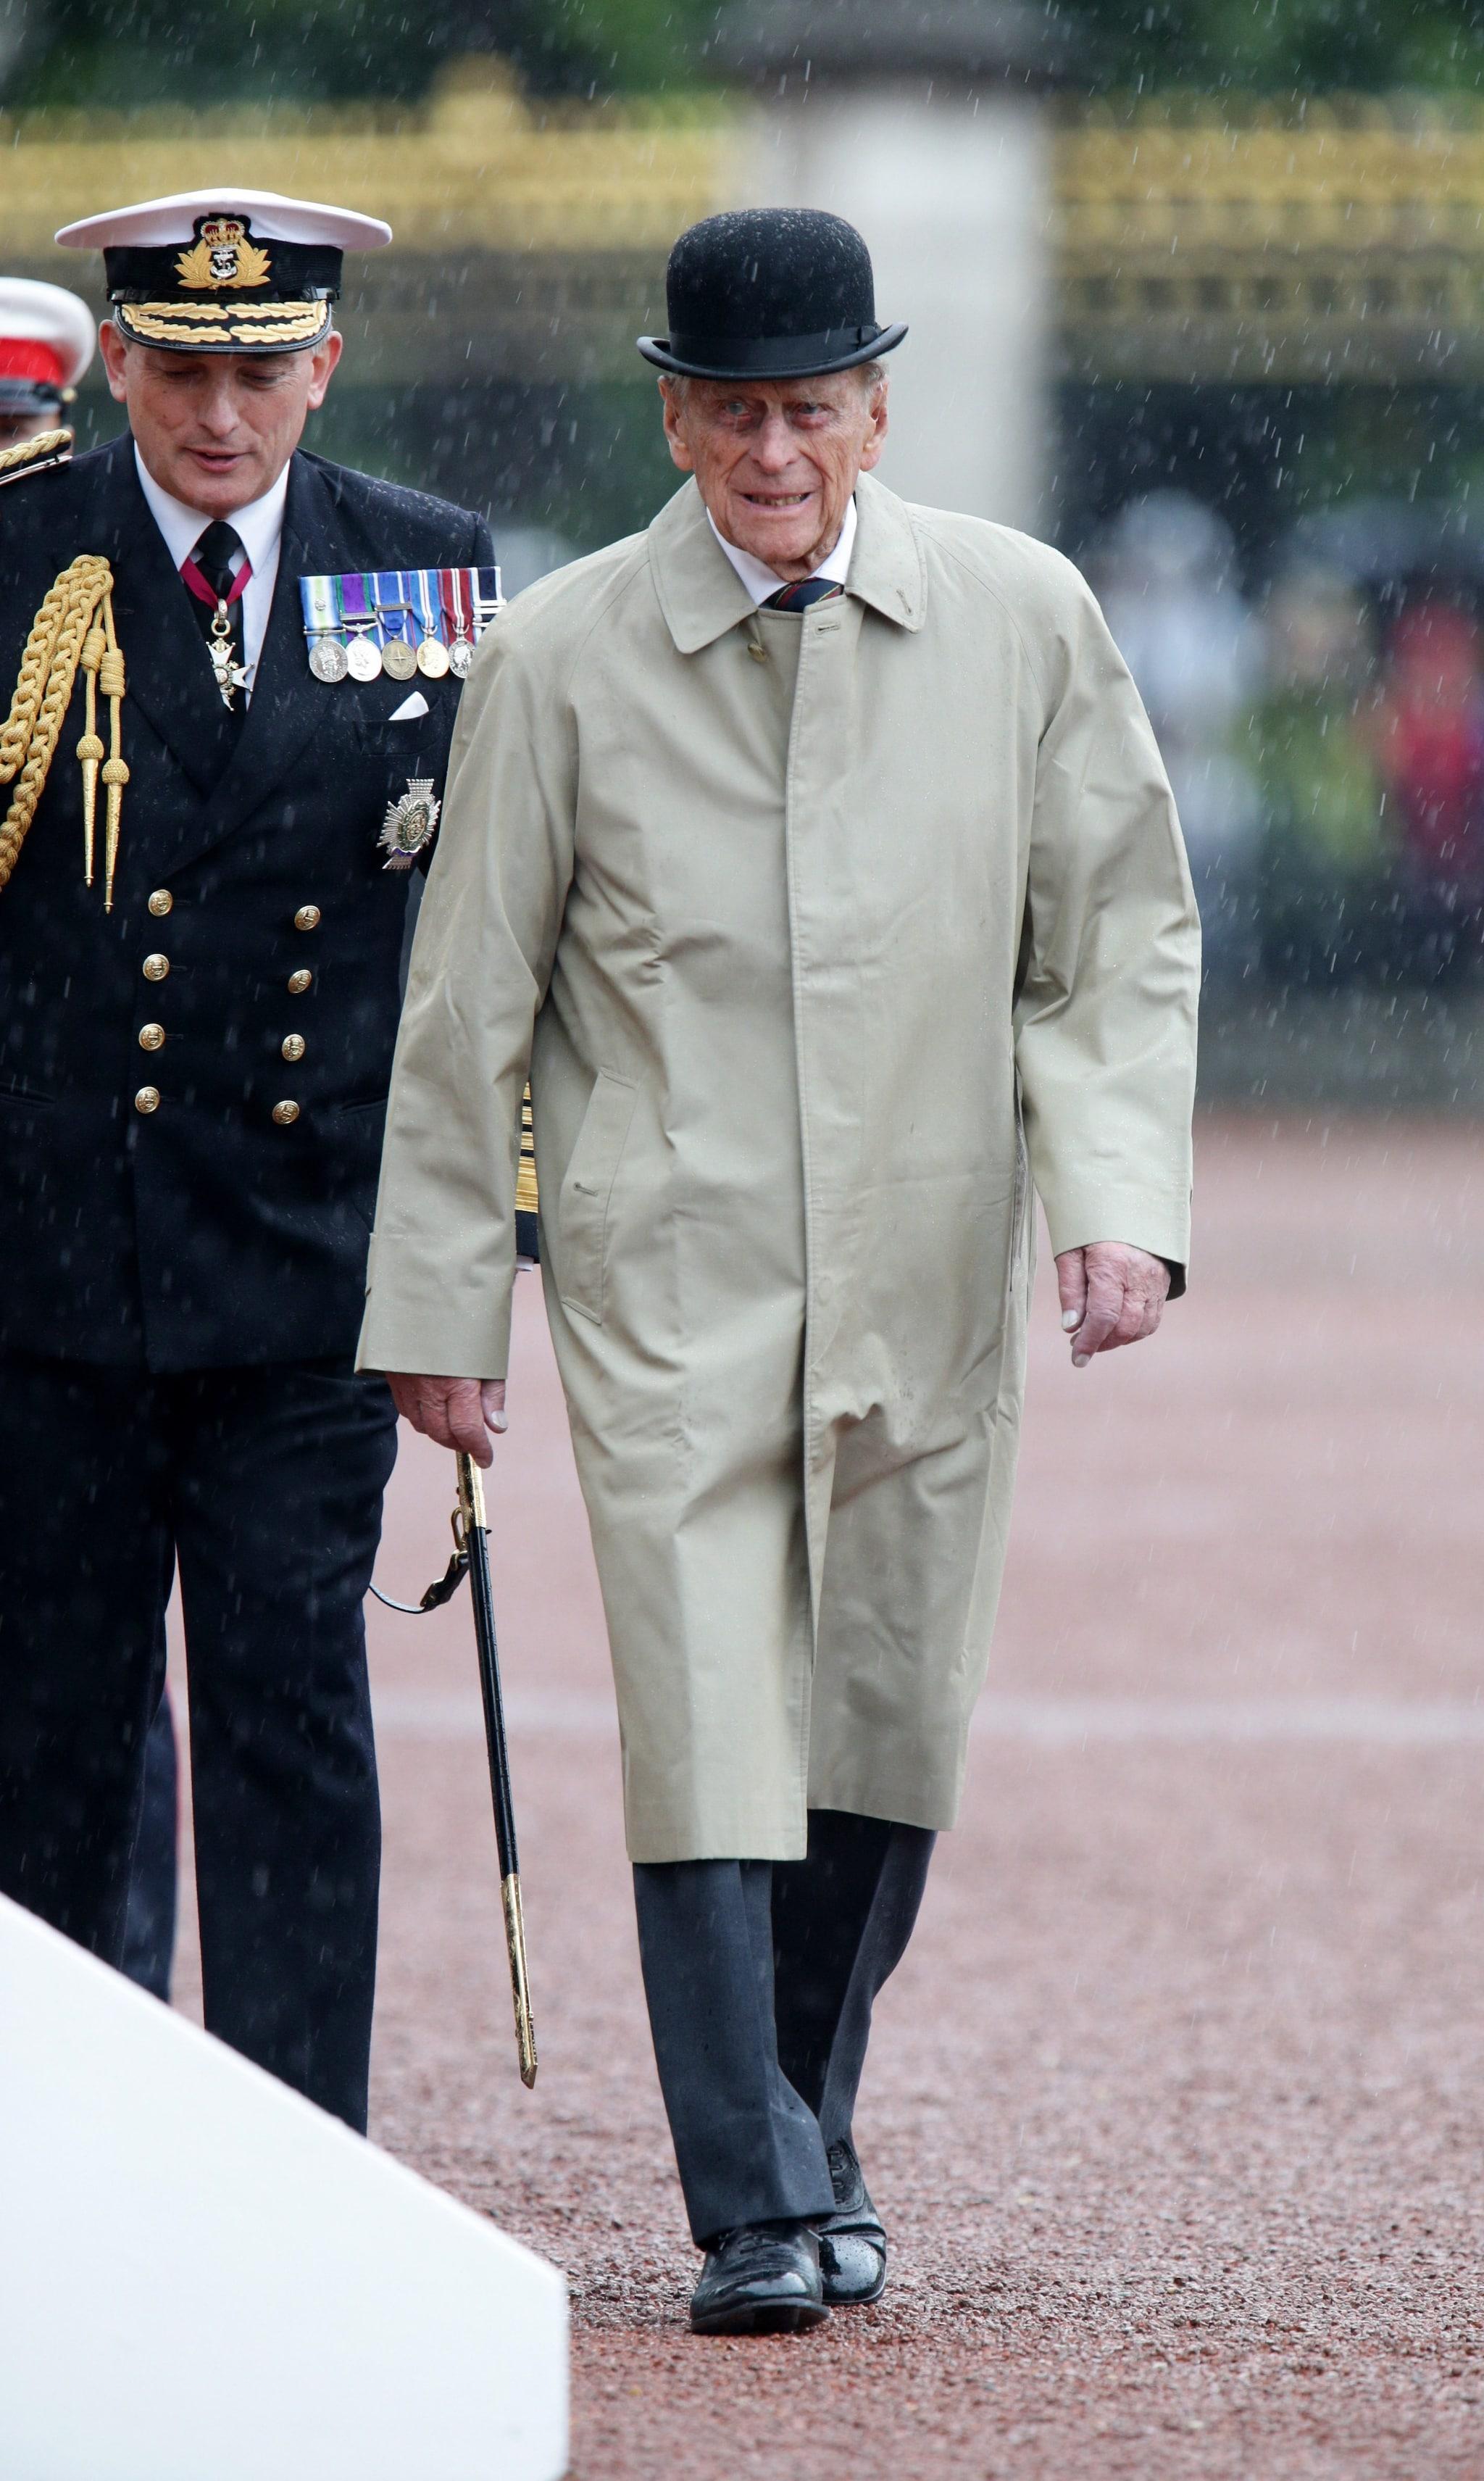 Il principe Filippo passa in rassegna le truppe con un soprabito beige e la bombetta